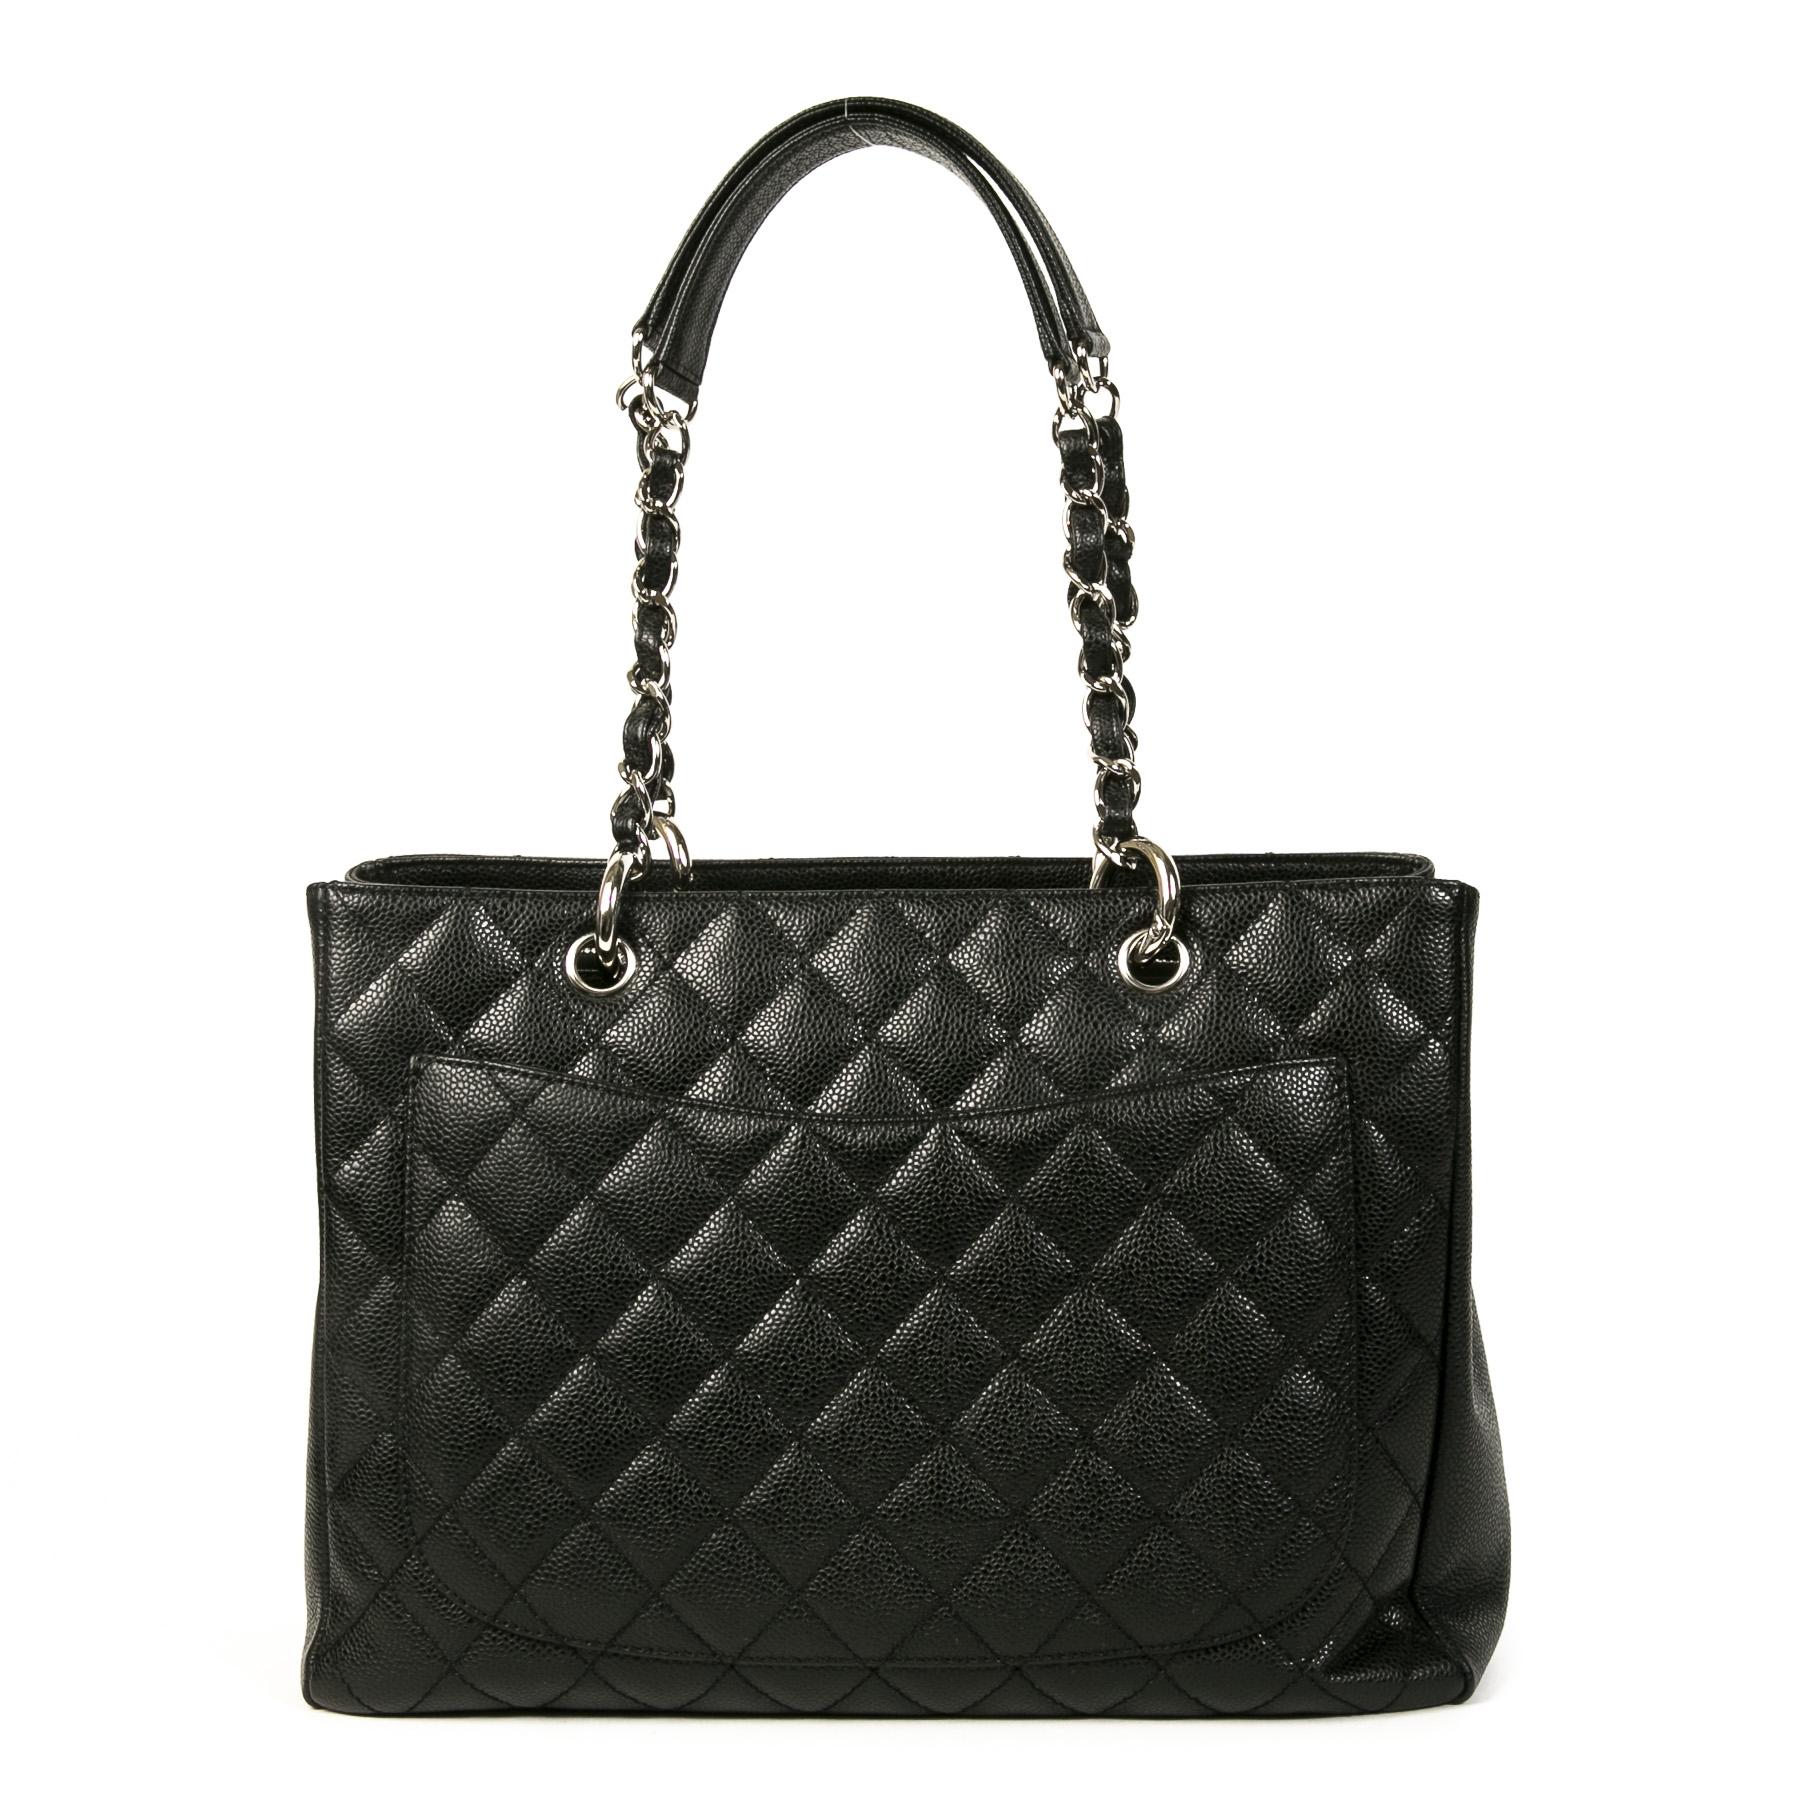 Authentieke Tweedehands Chanel Black Quilted Caviar Shopper juiste prijs veilig online shoppen luxe merken webshop winkelen Antwerpen België mode fashion